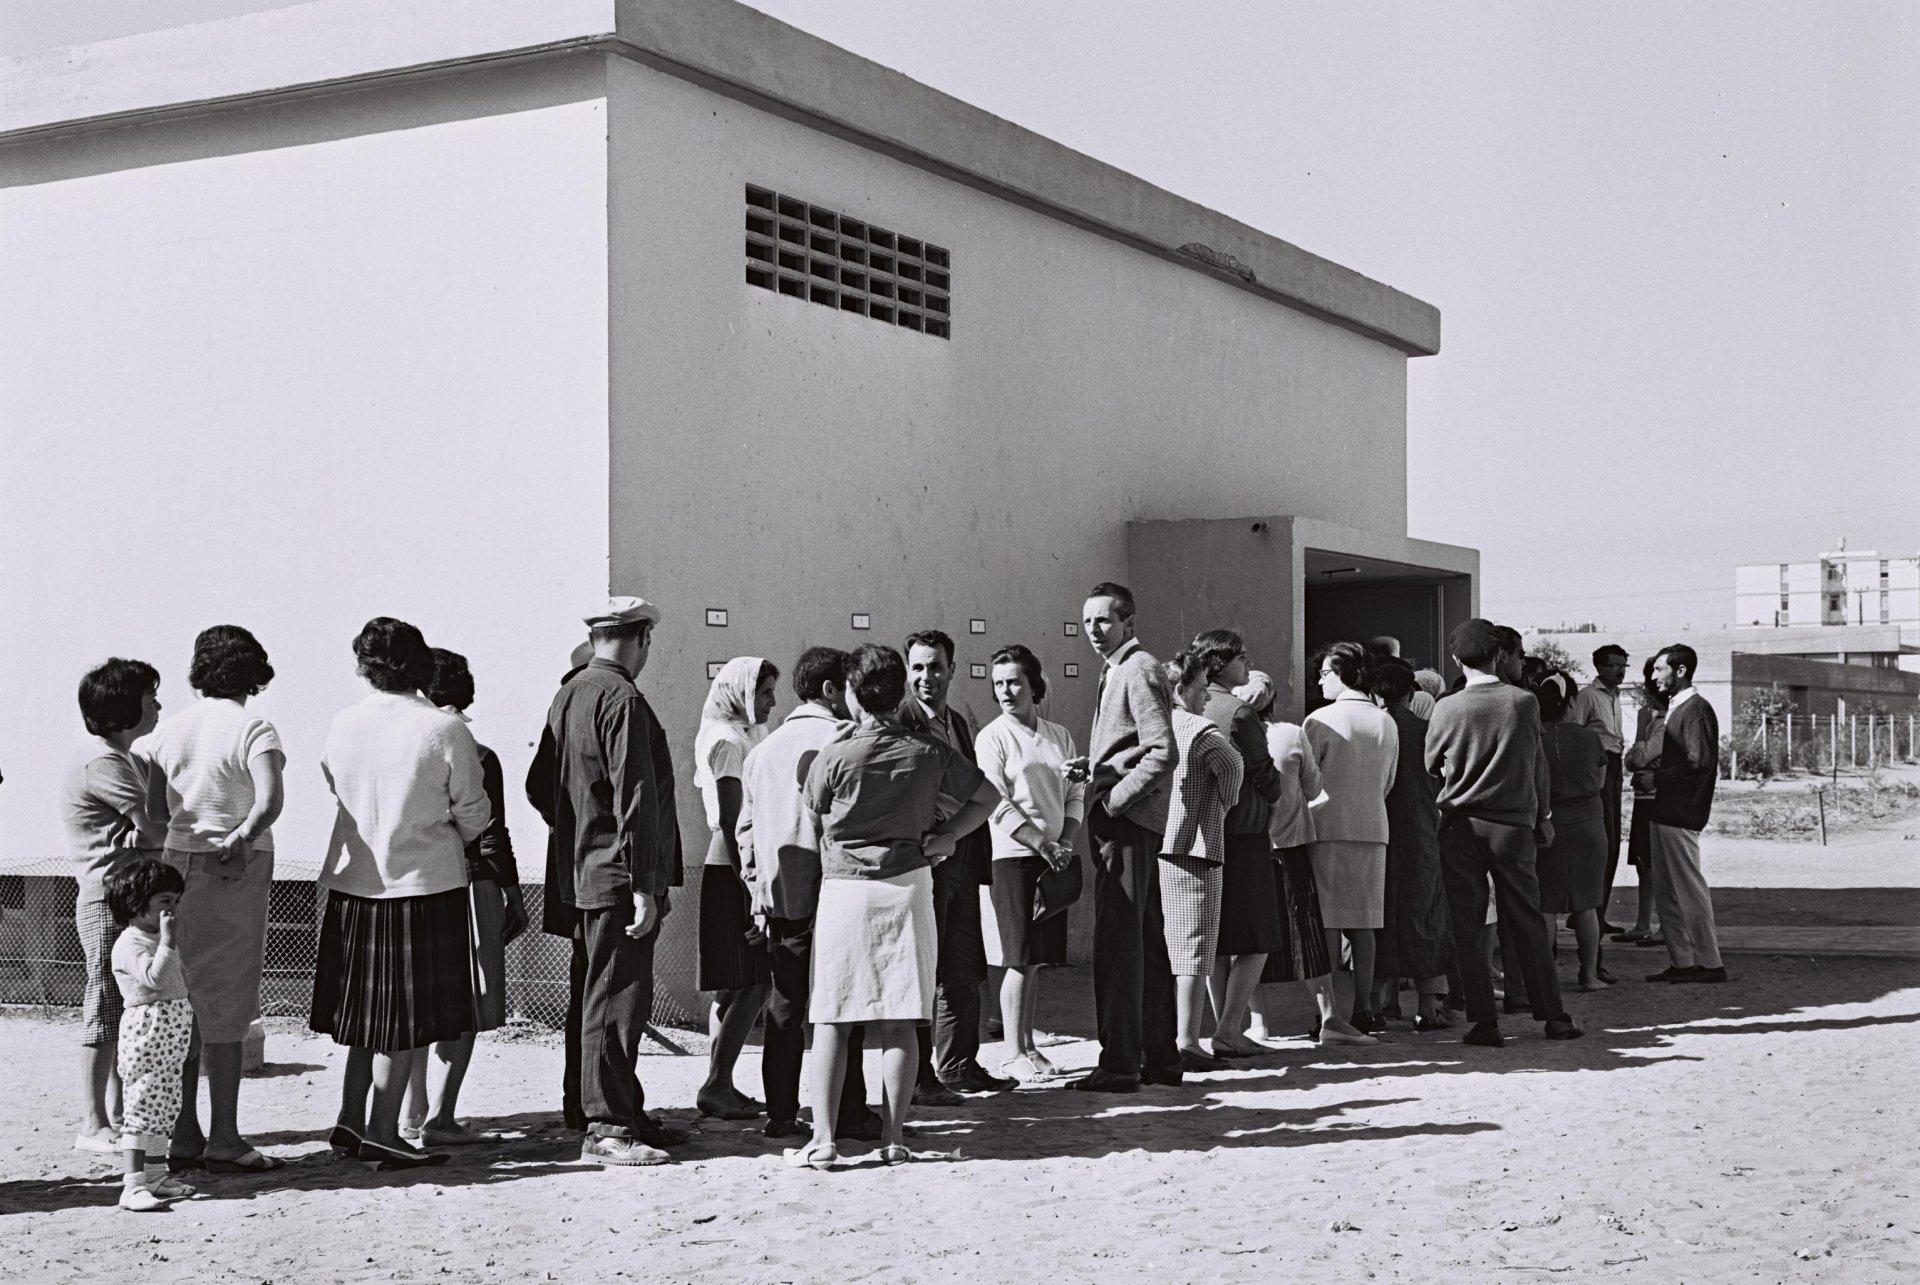 תושבי אשדוד עומדים בתור מחוץ לקלפי, בבחירות לכנסת השישית 1965. צילום: COHEN FRITZ, לשכת העיתונות הממשלתית